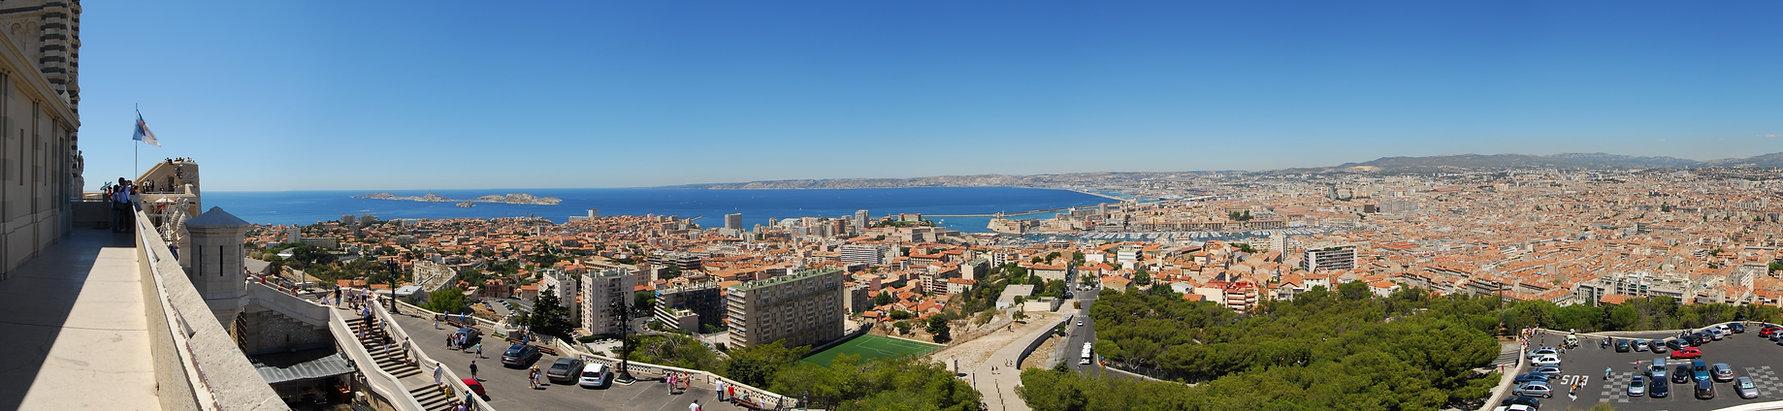 Marseille_Panorama_NDDLG_NorthWest_JD_12